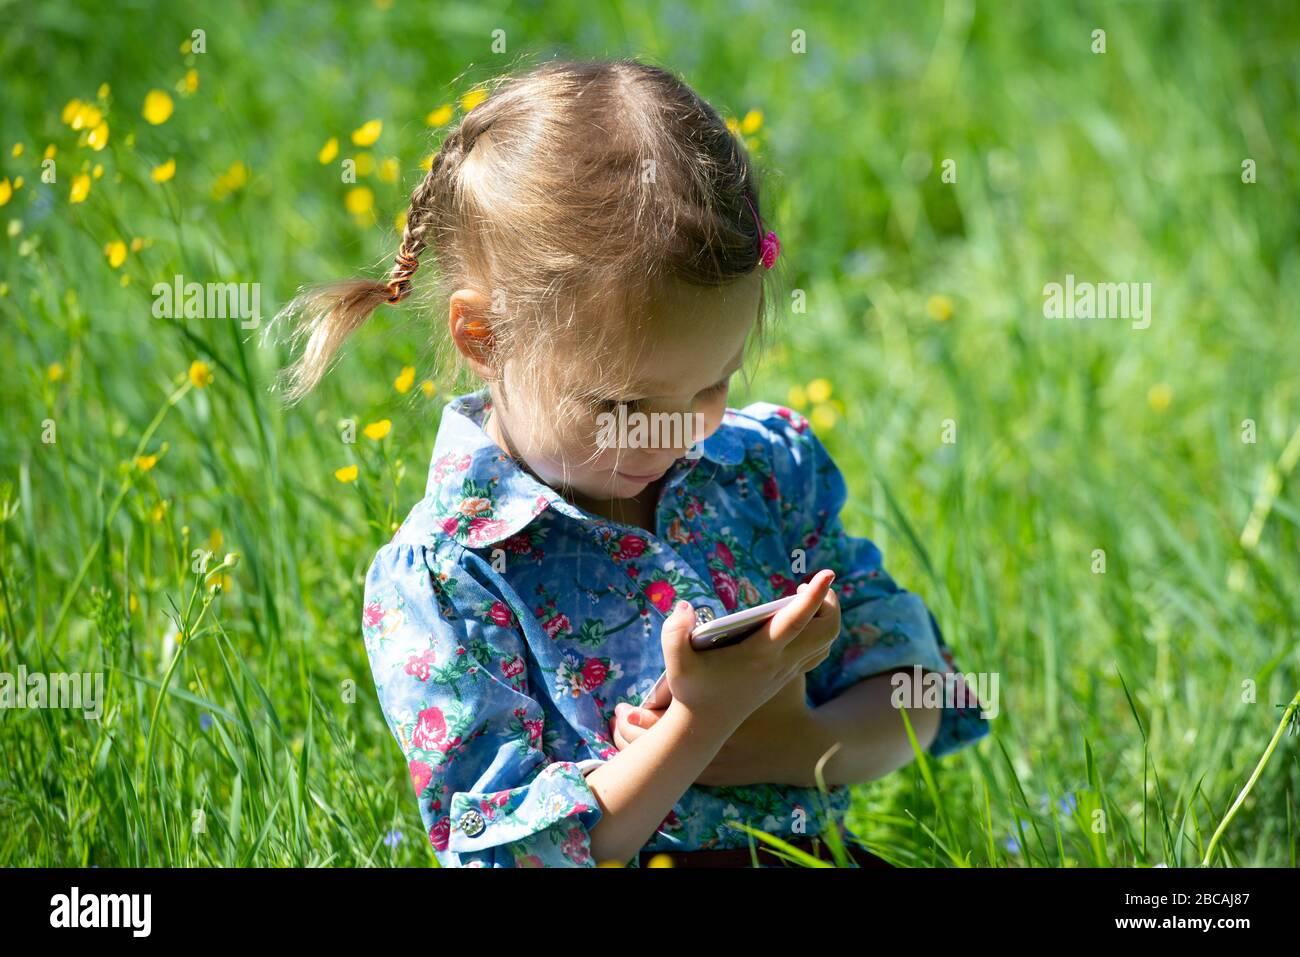 Petite fille avec queue de porc lors d'une journée d'été ensoleillée sur un pré vert Banque D'Images